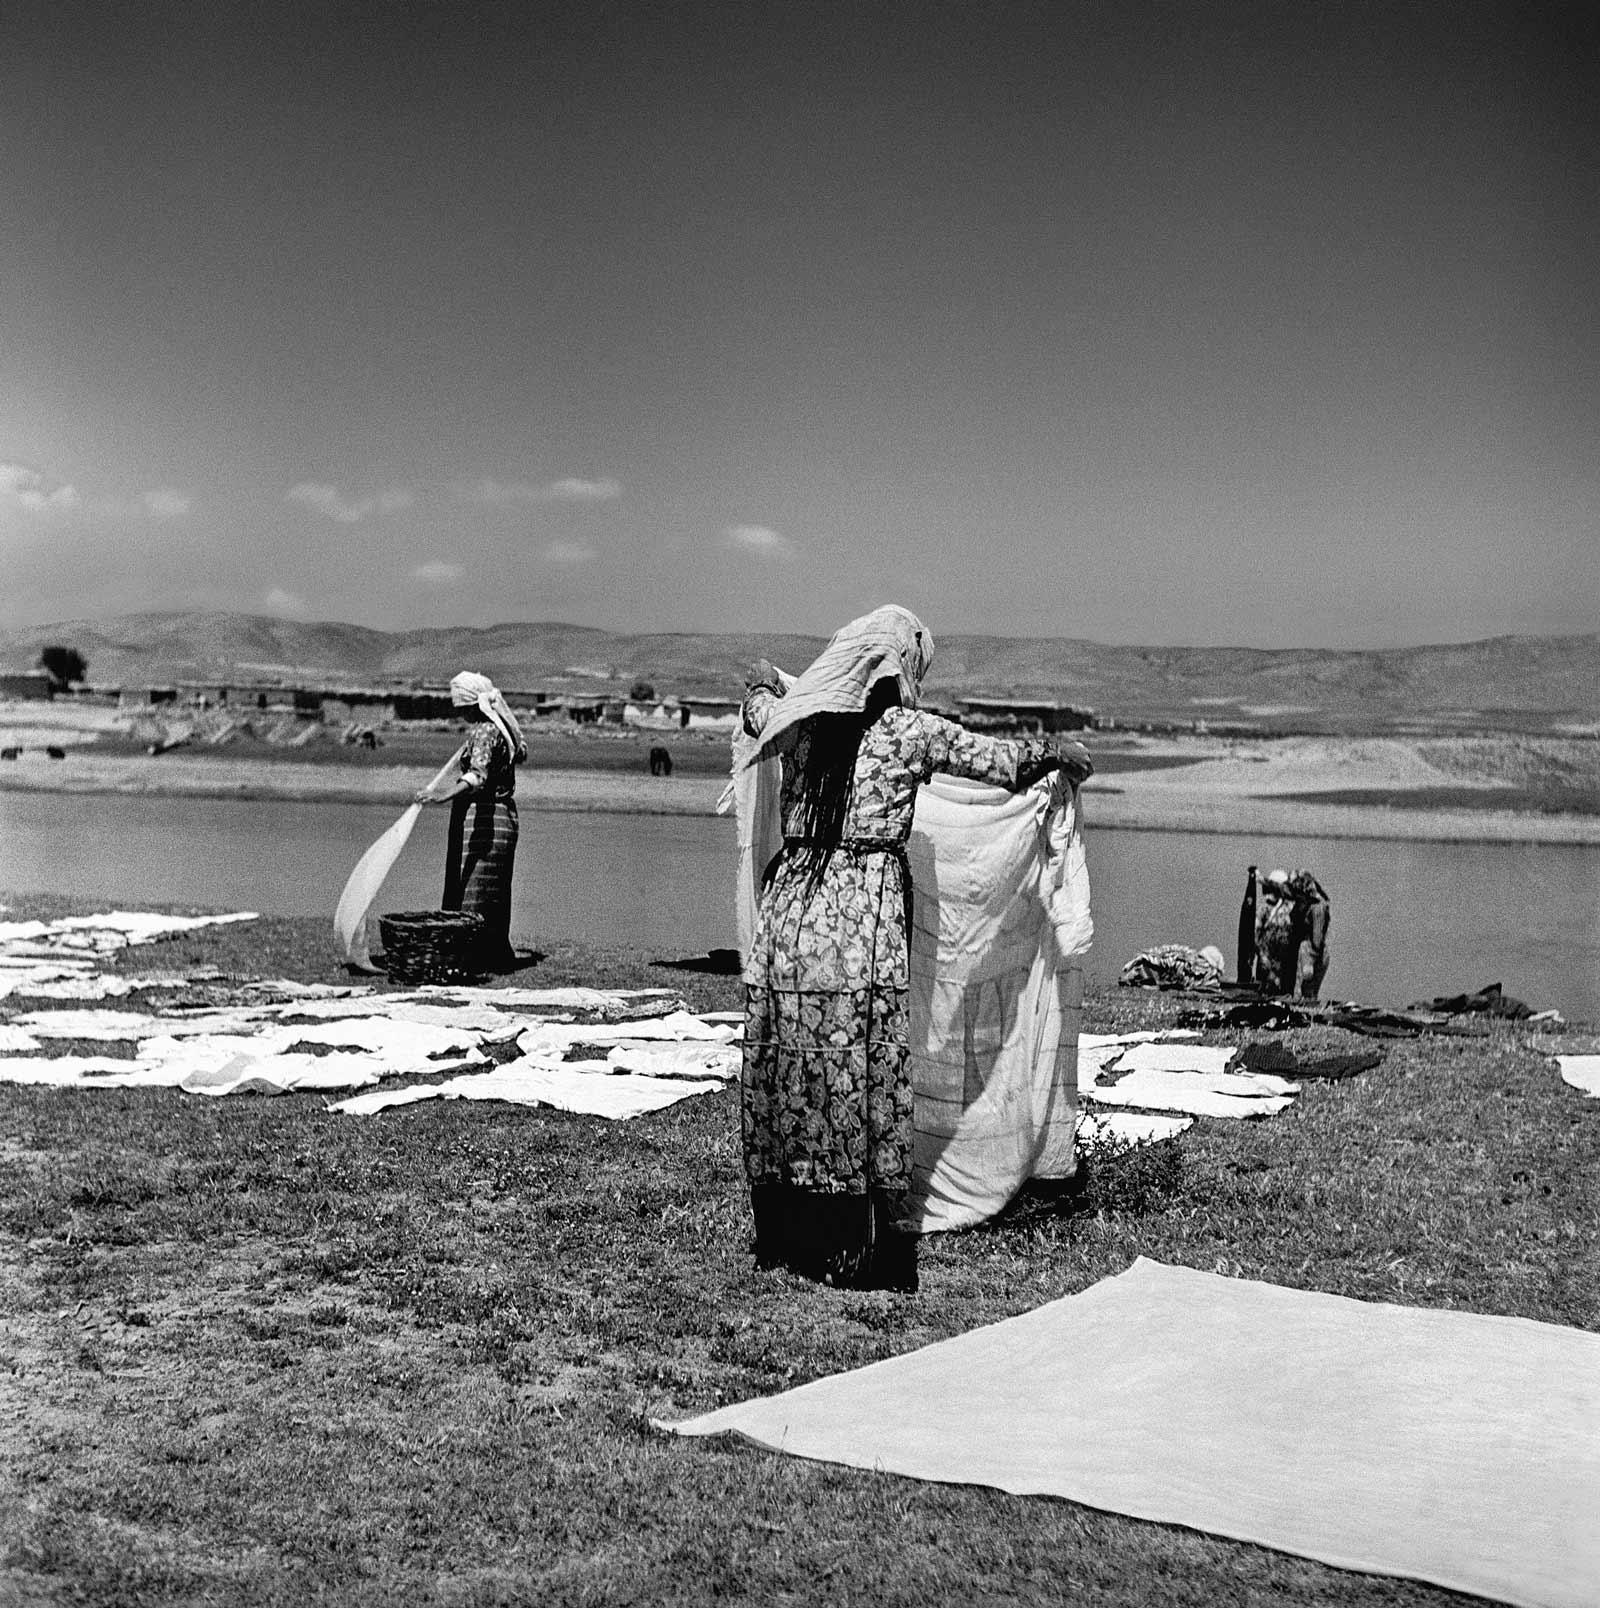 moran-anatolia-1956